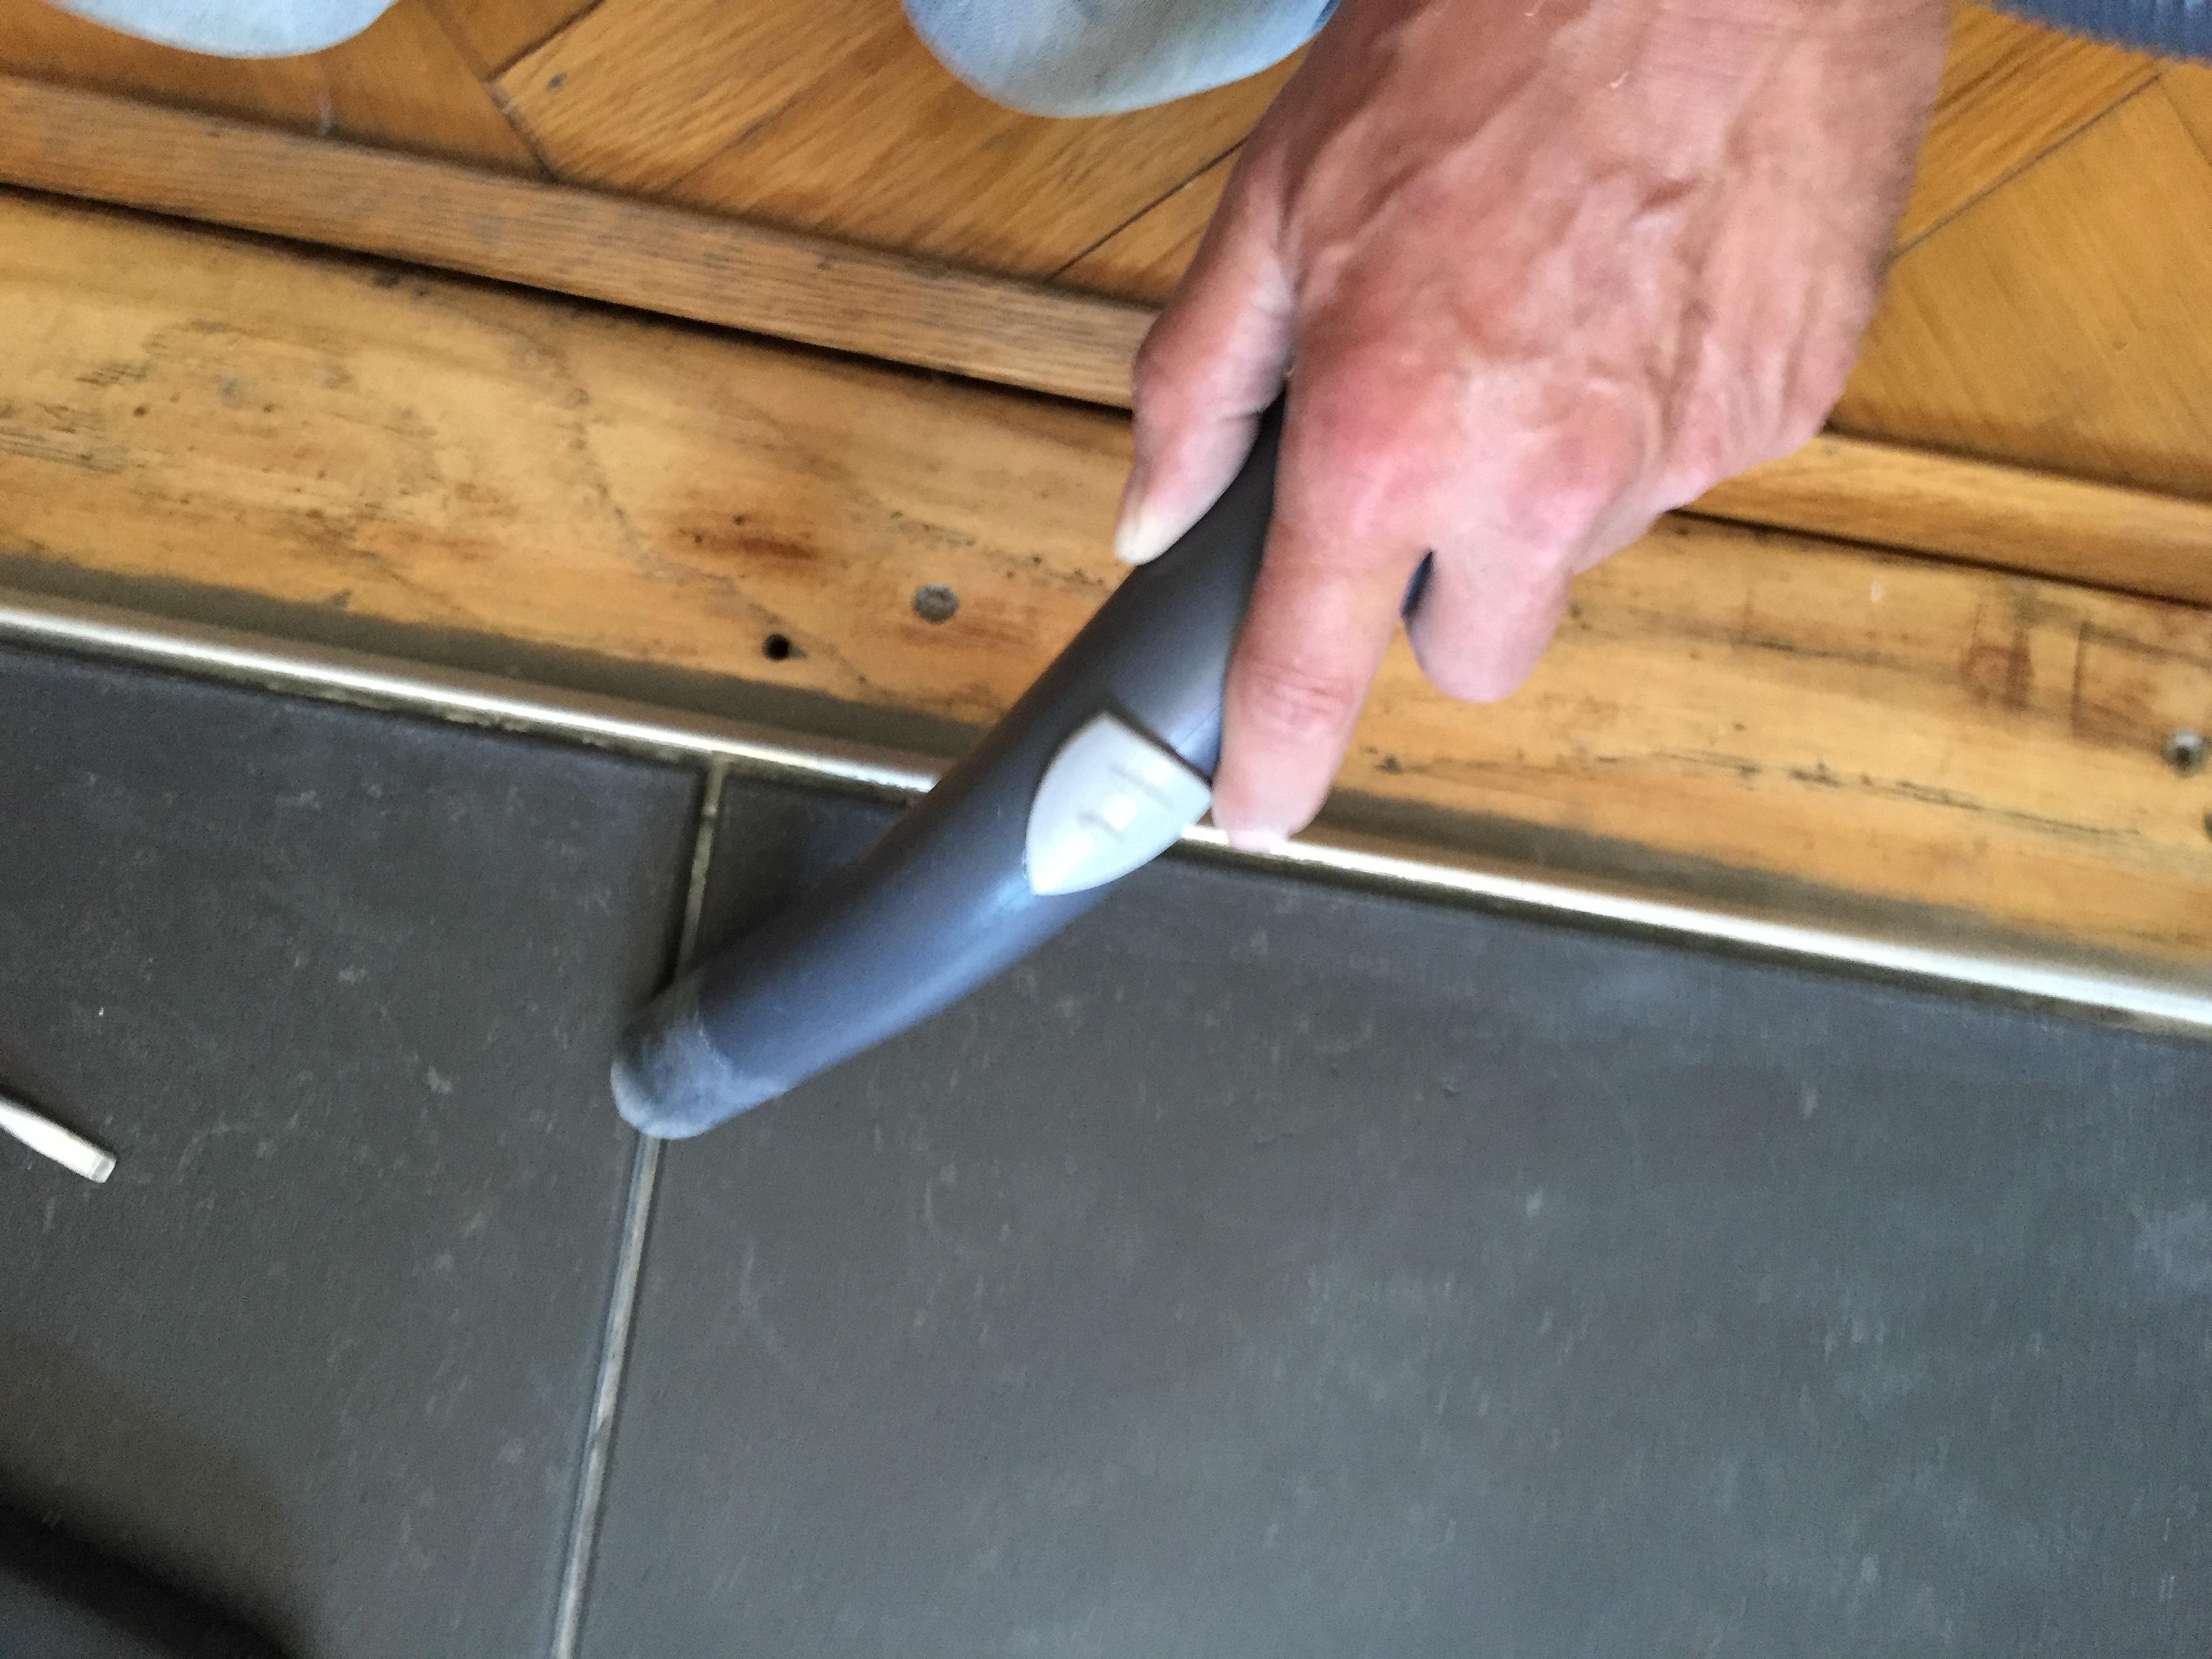 Voegen Repareren Badkamer : Tegels voegen voordemakers